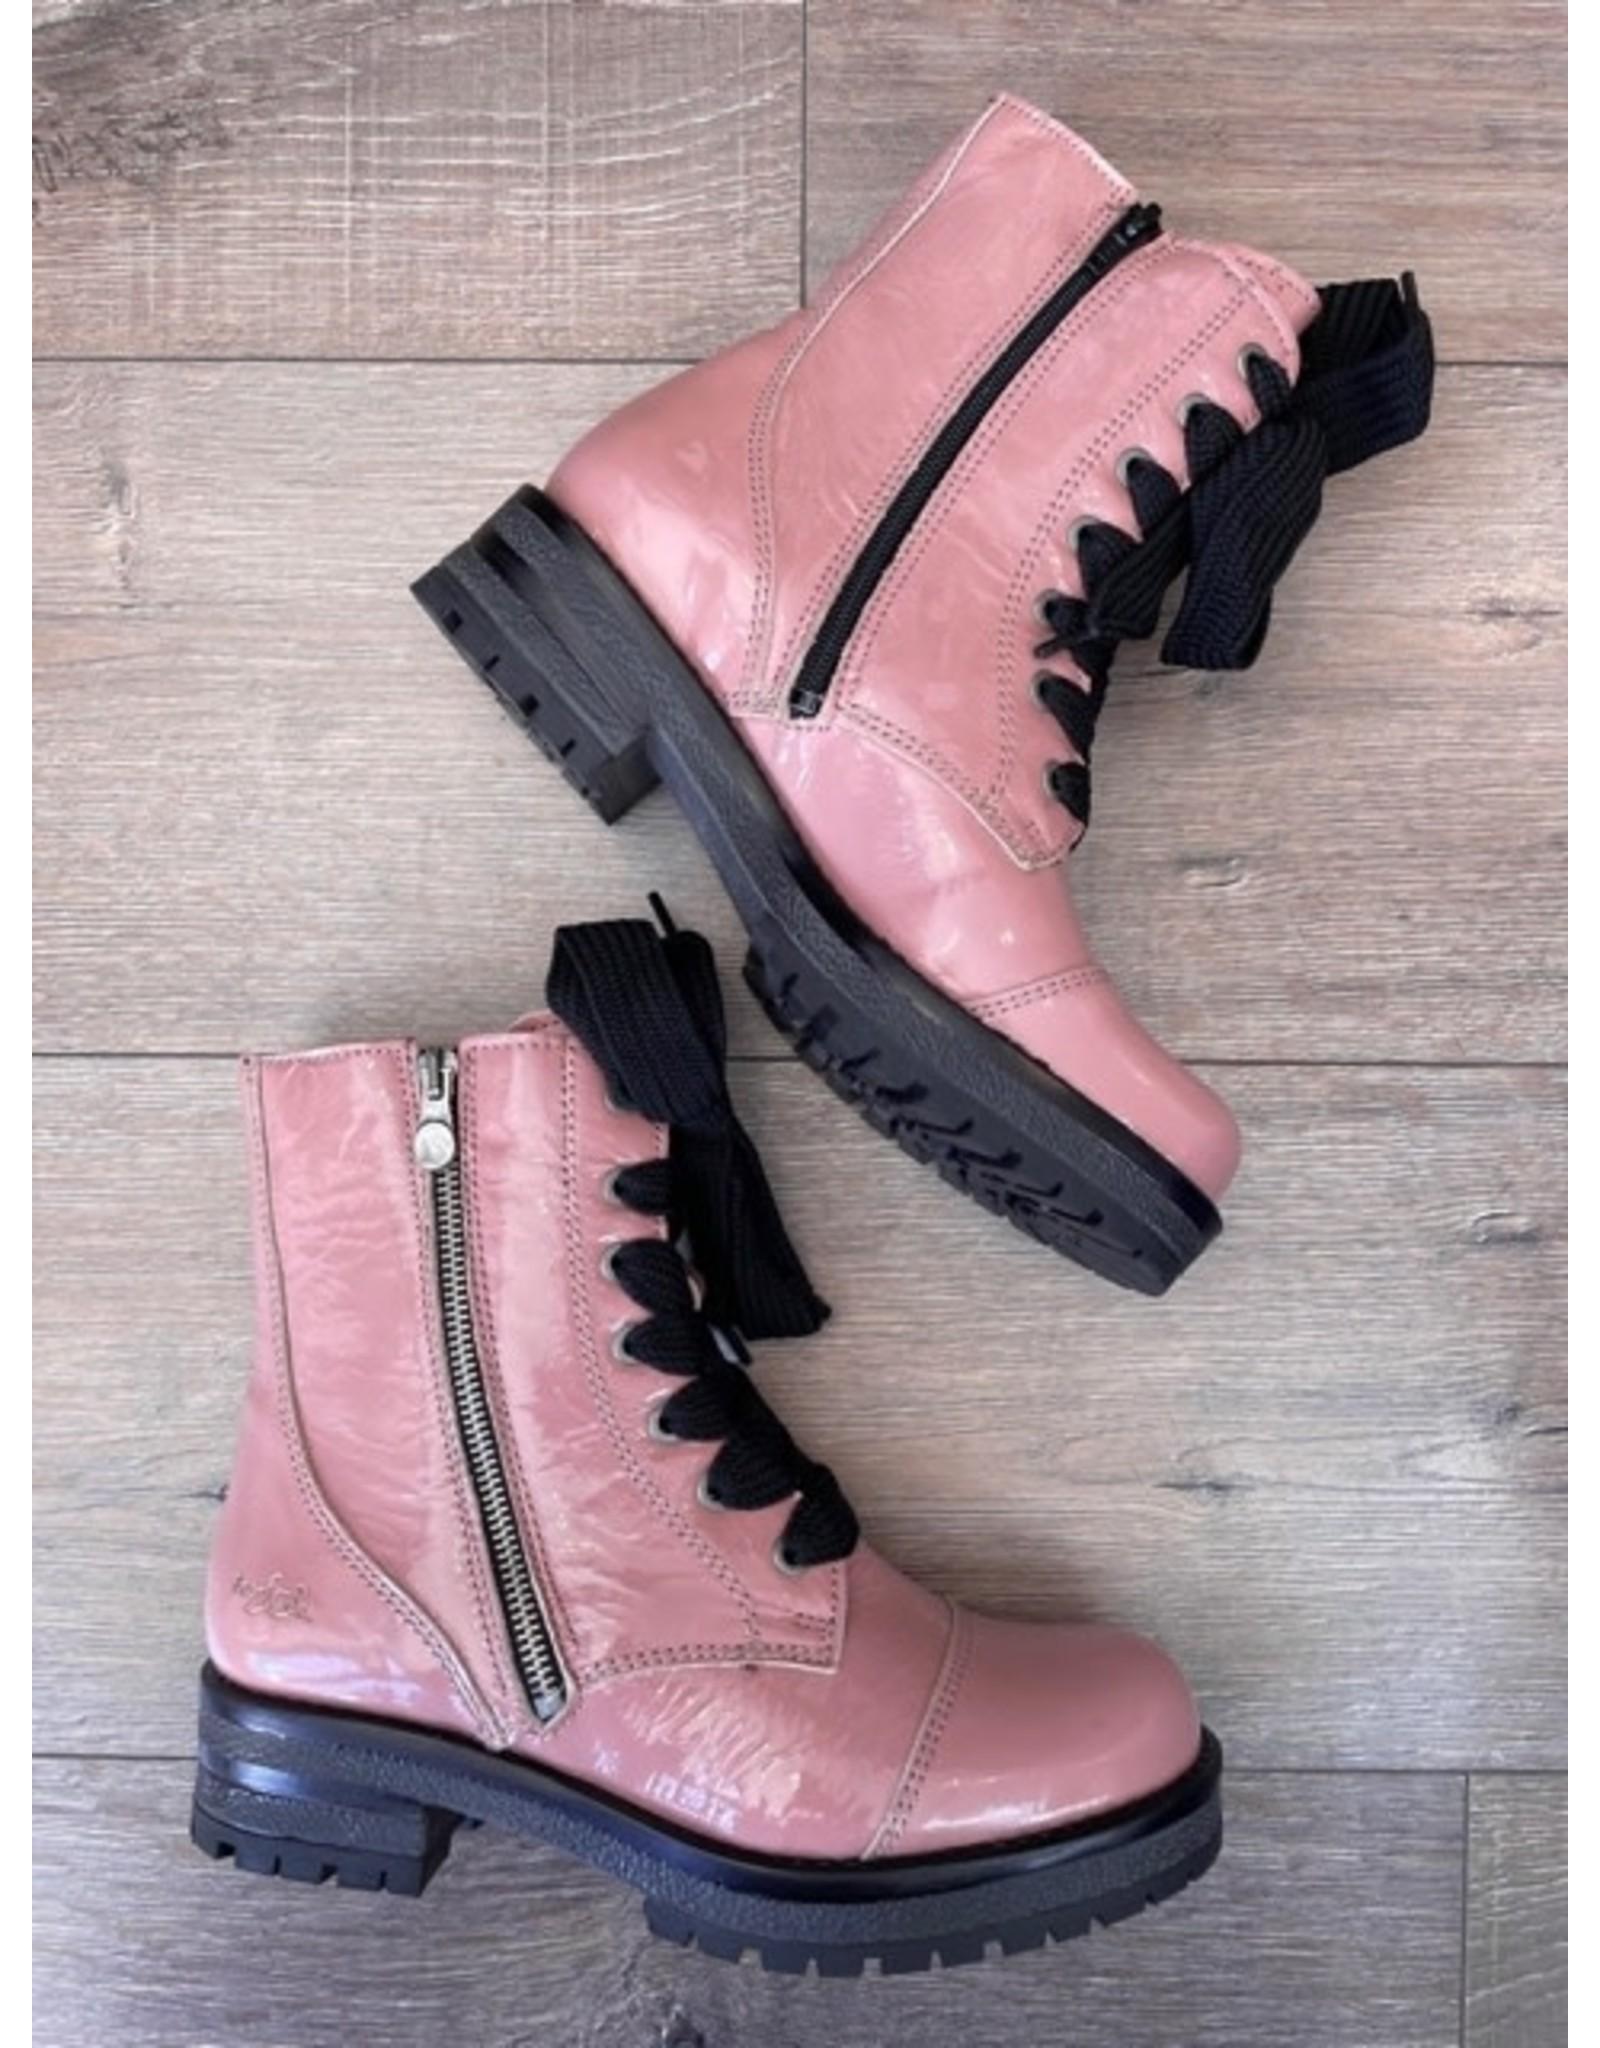 Bos & Co Bos & Co - Paulie waterproof boot (pink)